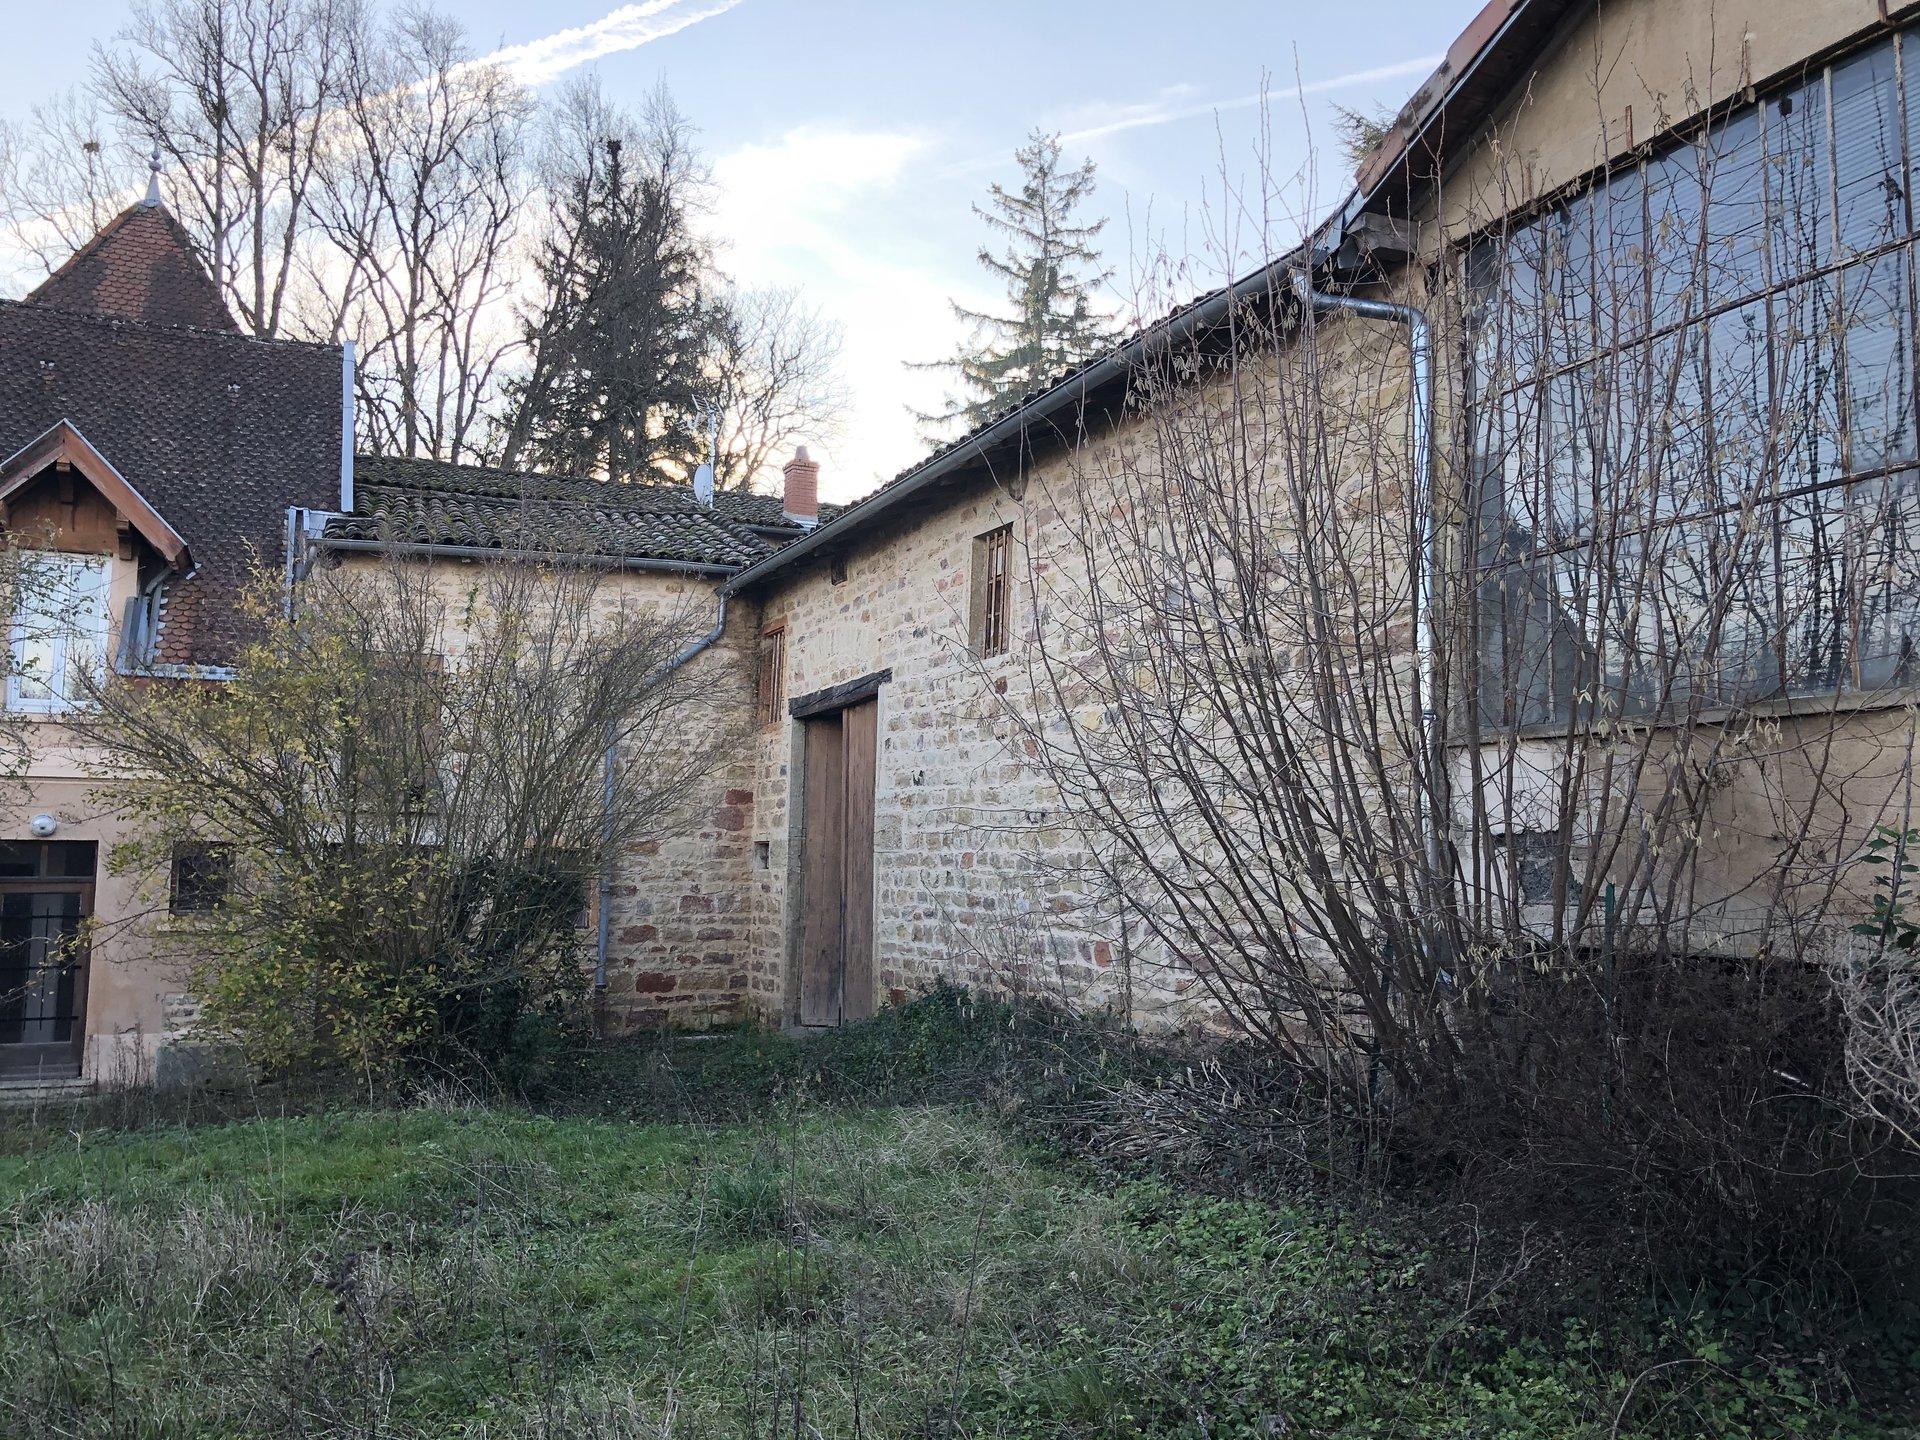 Pommiers, Duplex T4, Studio séparé avec jardin